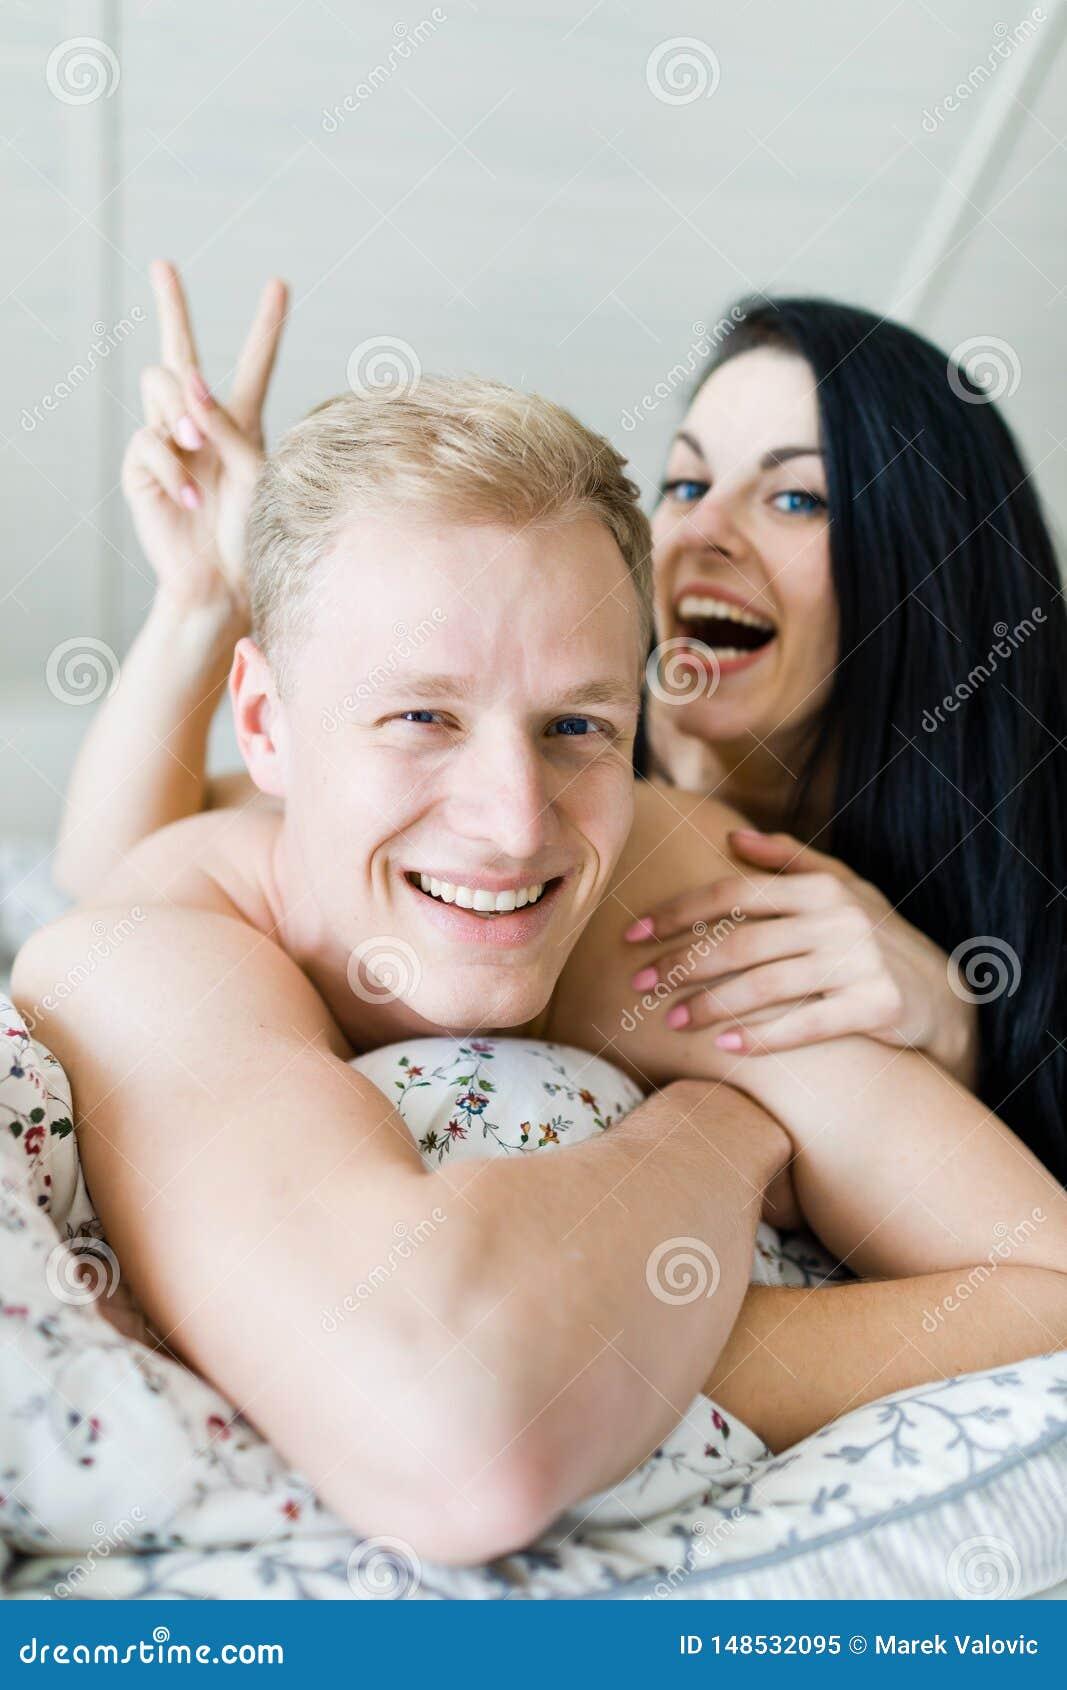 Stilig man och trevlig kvinna som poserar i säng - seger